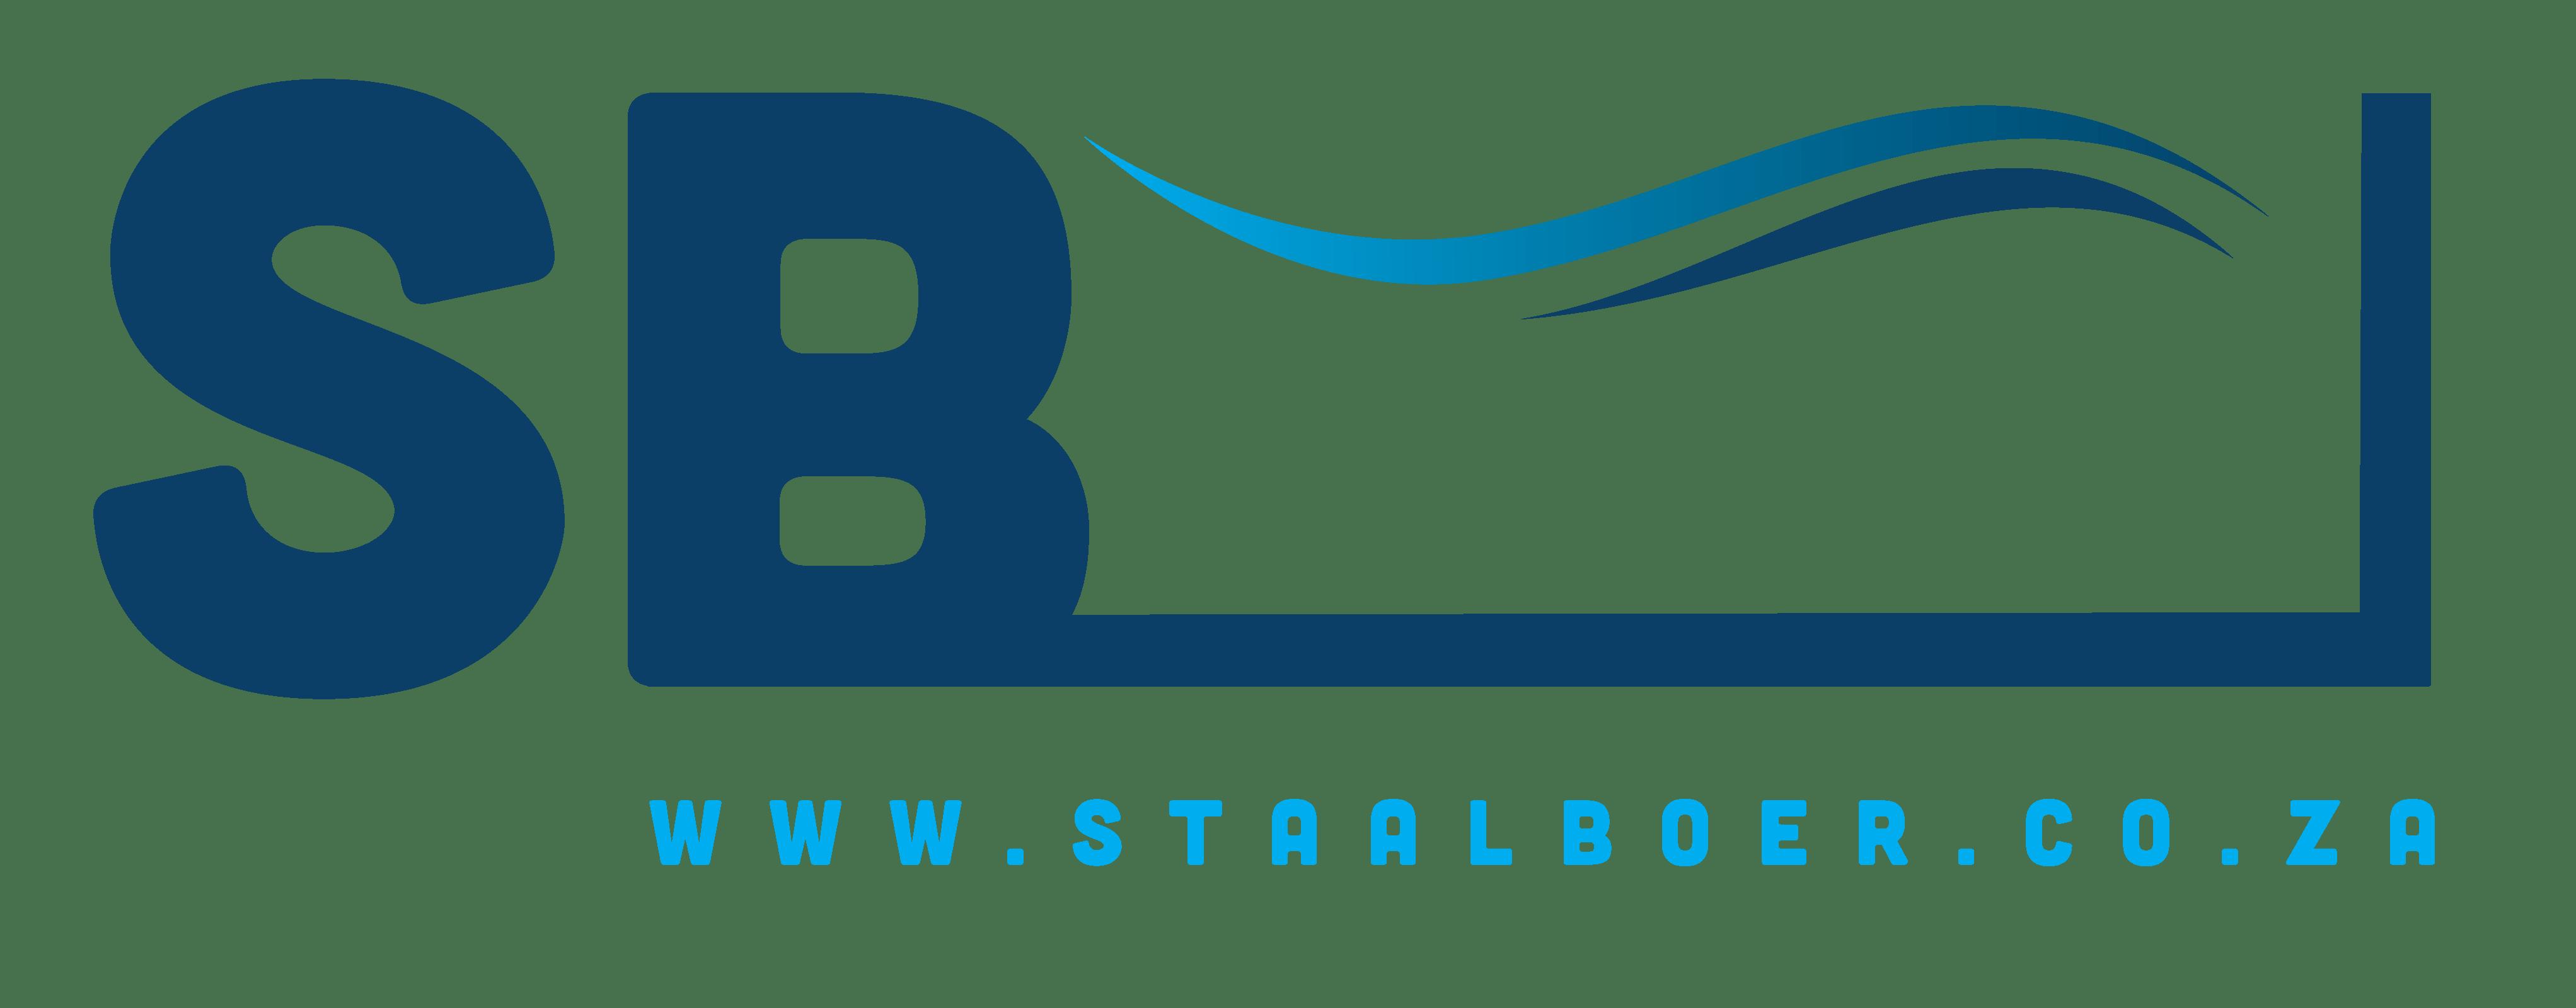 Staalboer Logo | SB | Staalboer.com